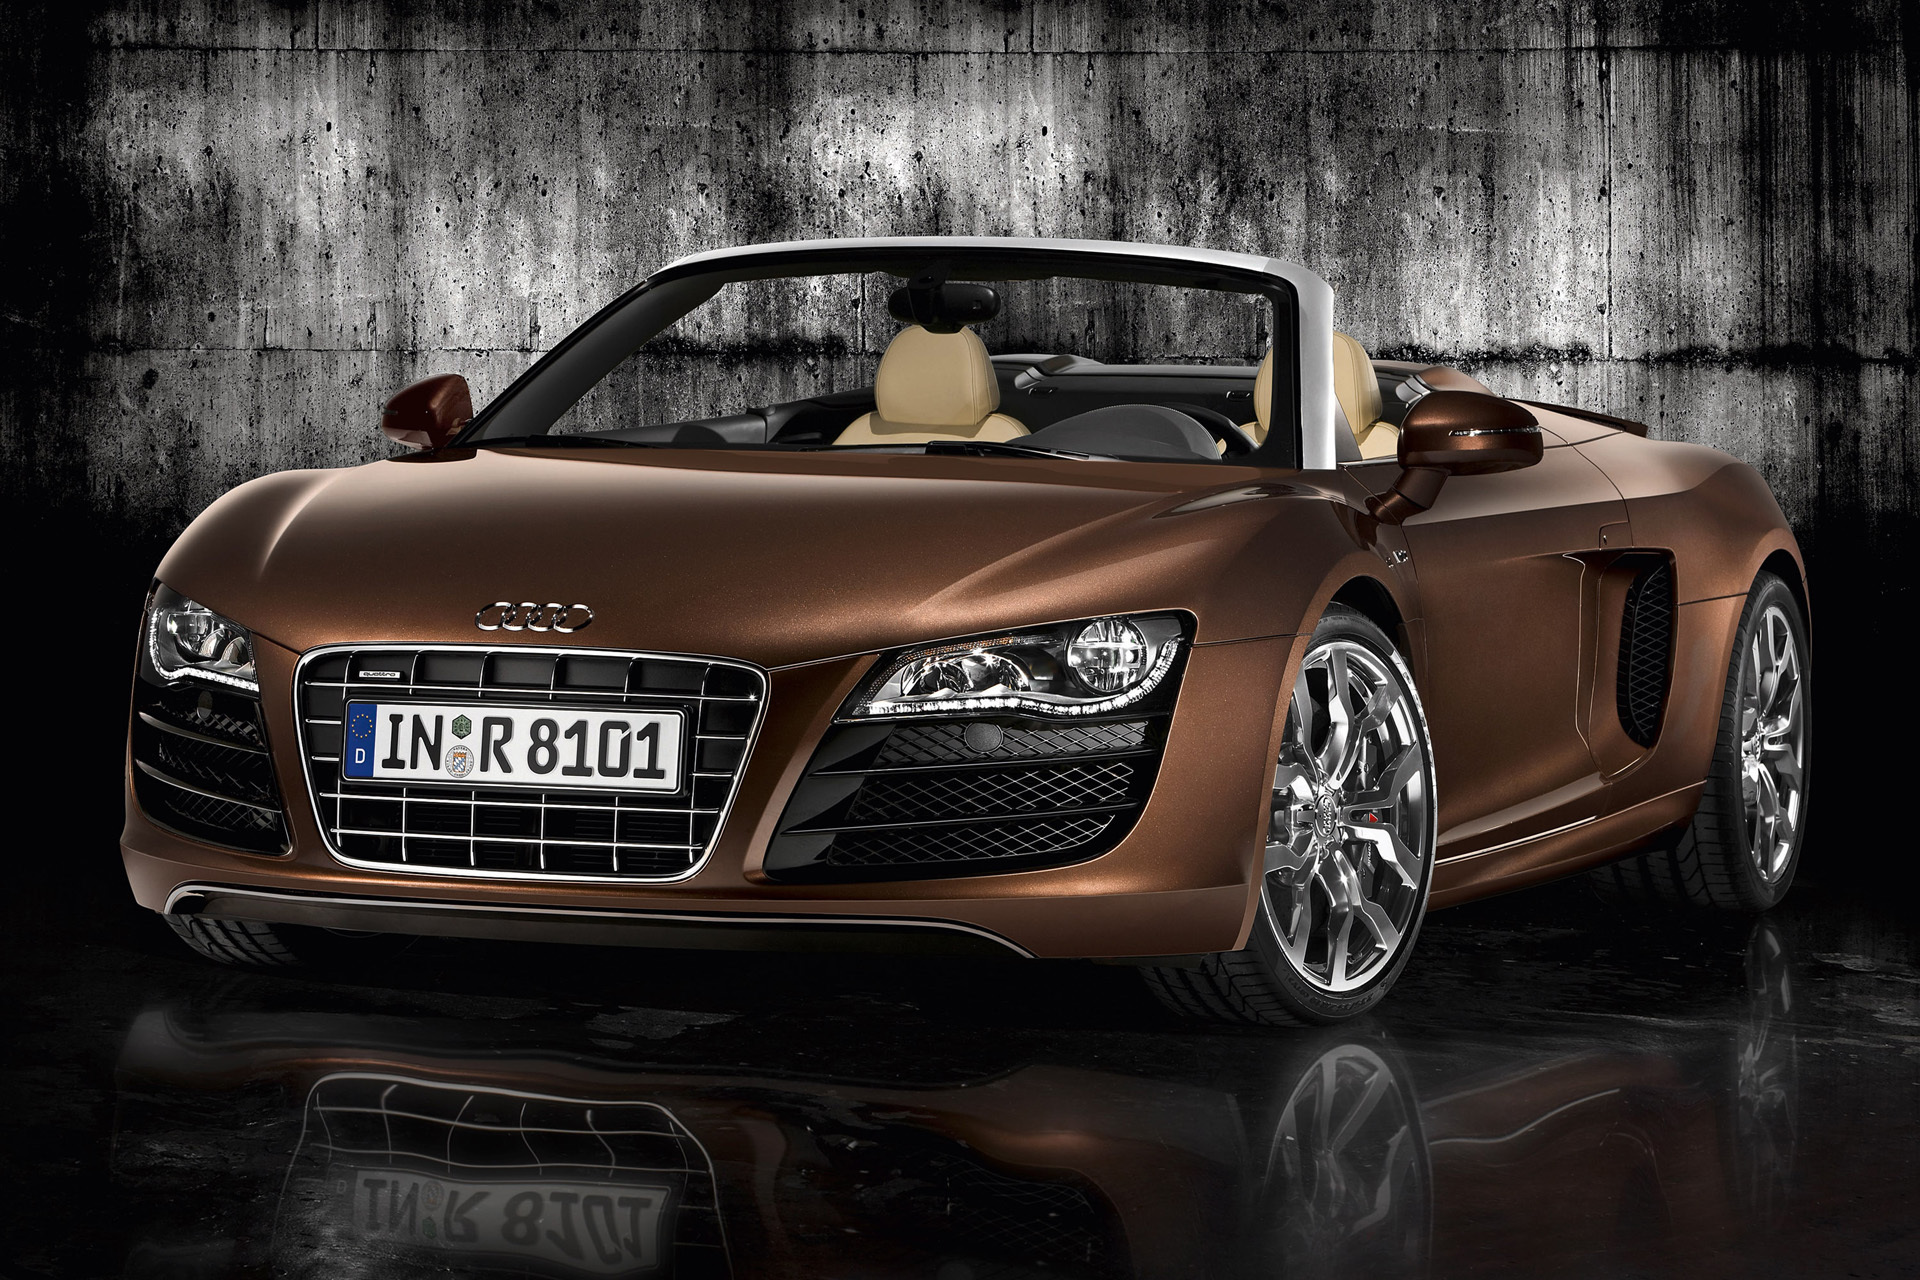 9527 скачать обои Транспорт, Машины, Ауди (Audi) - заставки и картинки бесплатно